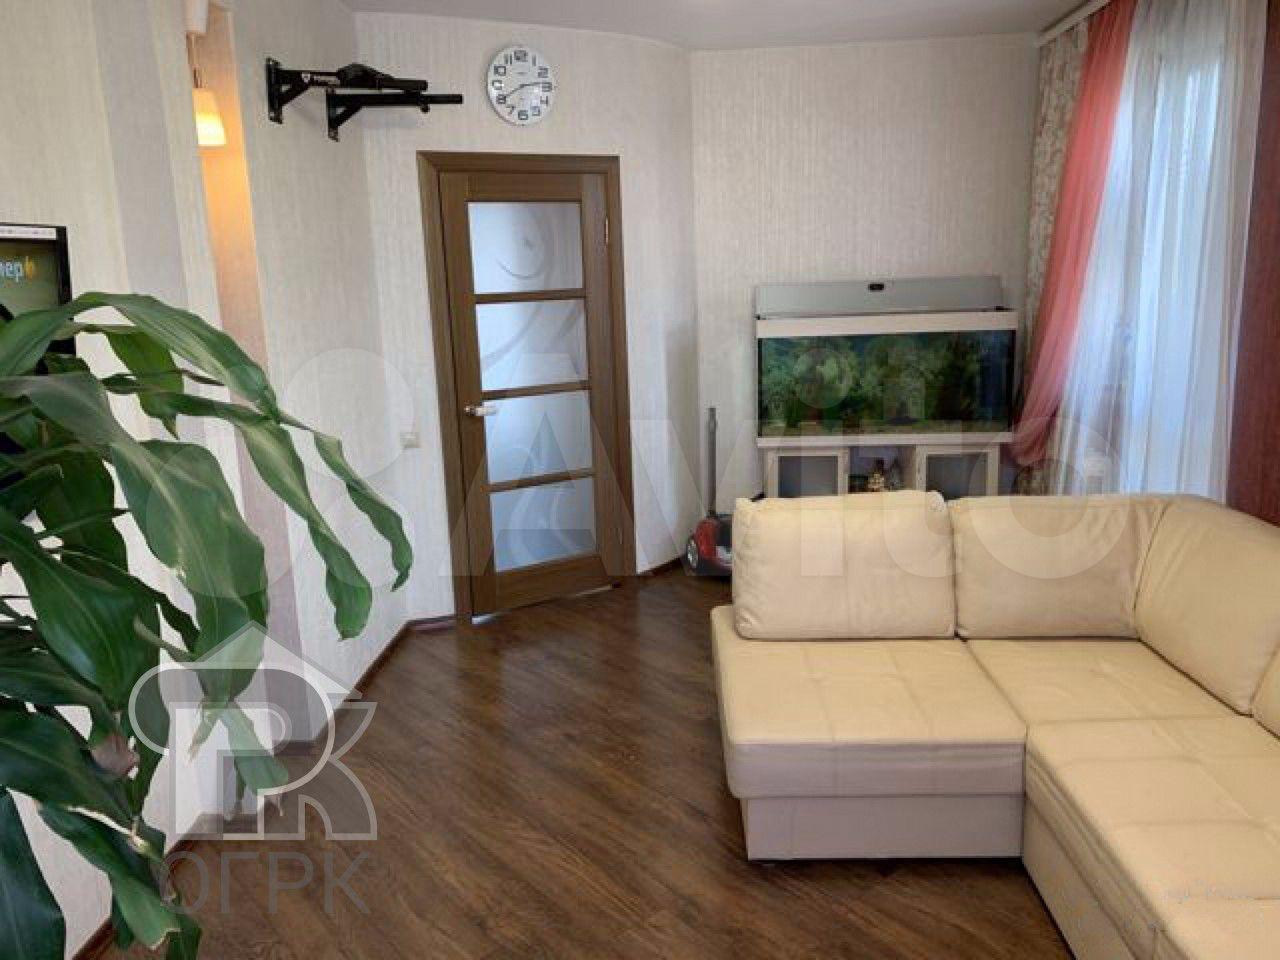 3-к квартира, 80.5 м², 13/17 эт.  89297269532 купить 3